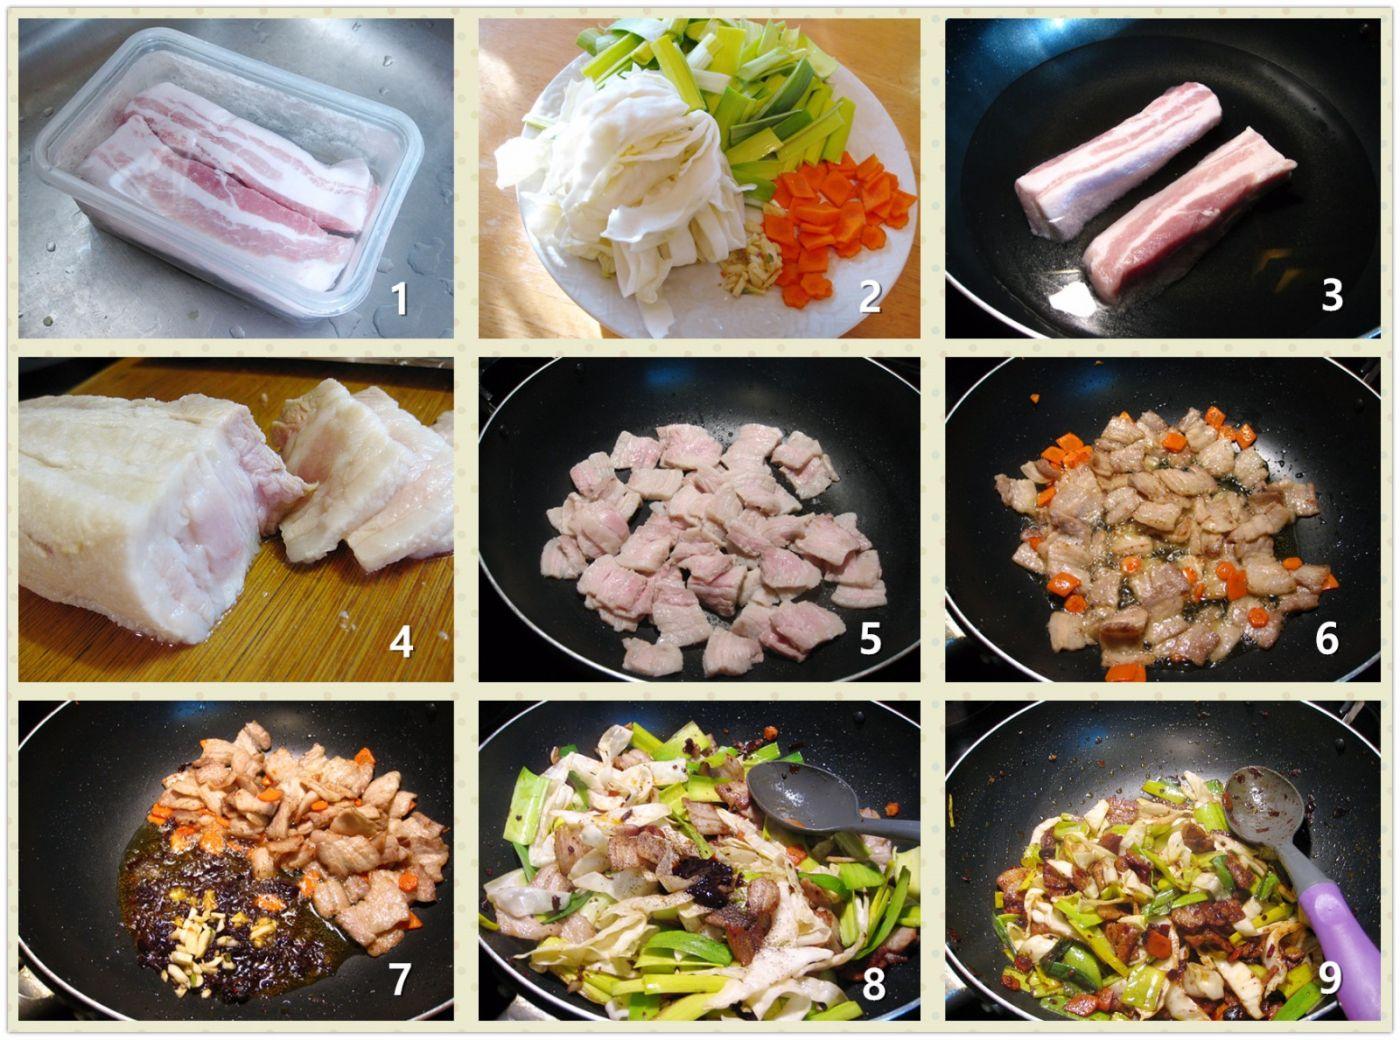 大蒜包菜回锅肉_图1-2